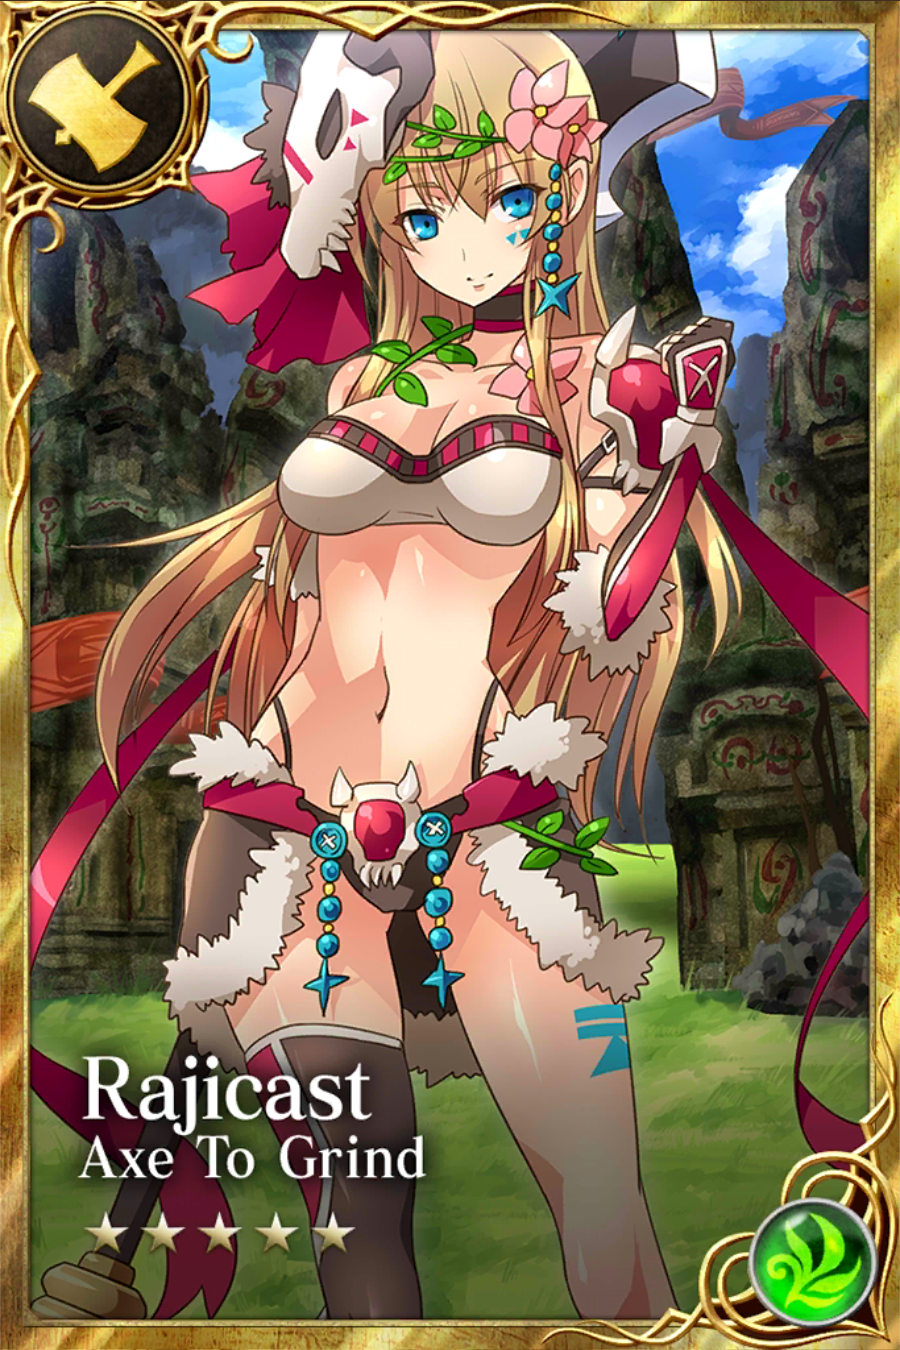 Rajicast